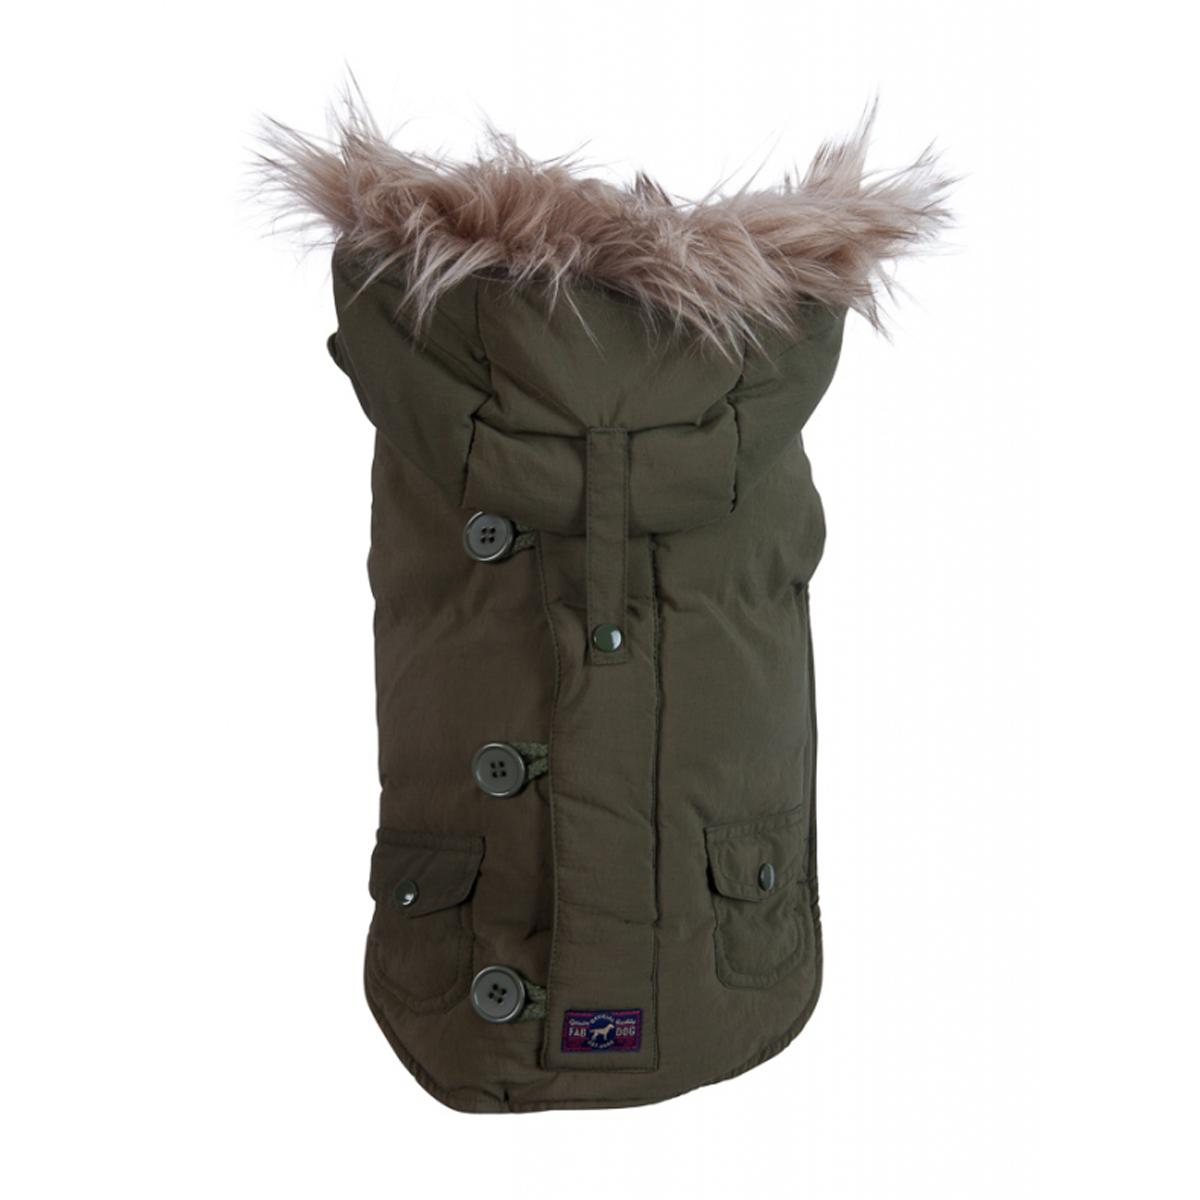 fabdog® Snorkel Dog Jacket - Olive